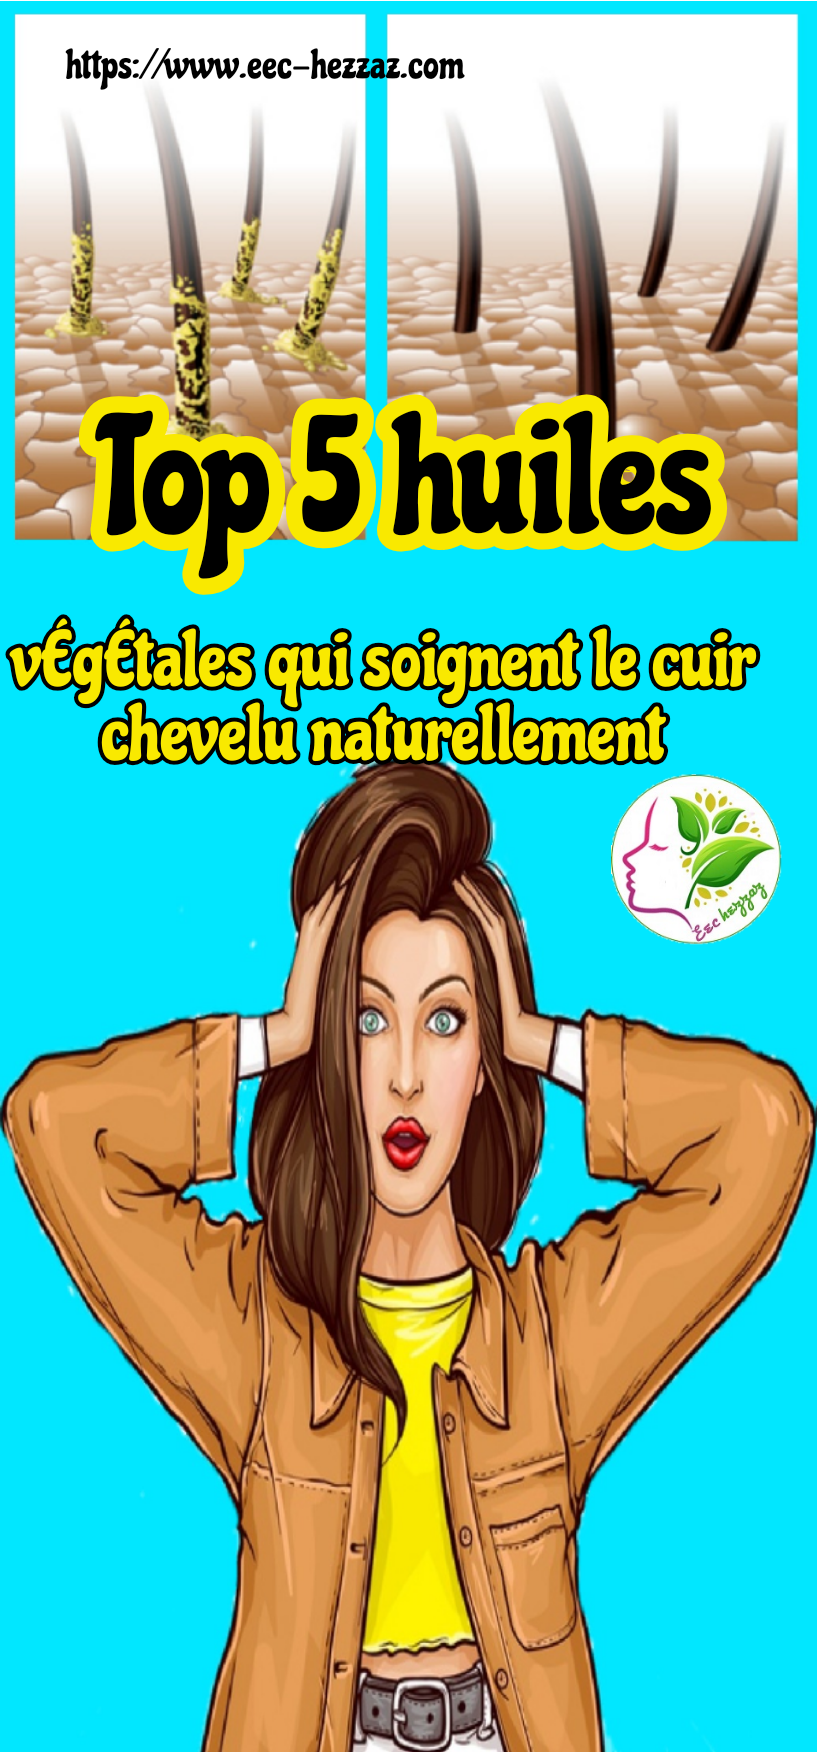 Top 5 huiles végétales qui soignent le cuir chevelu naturellement